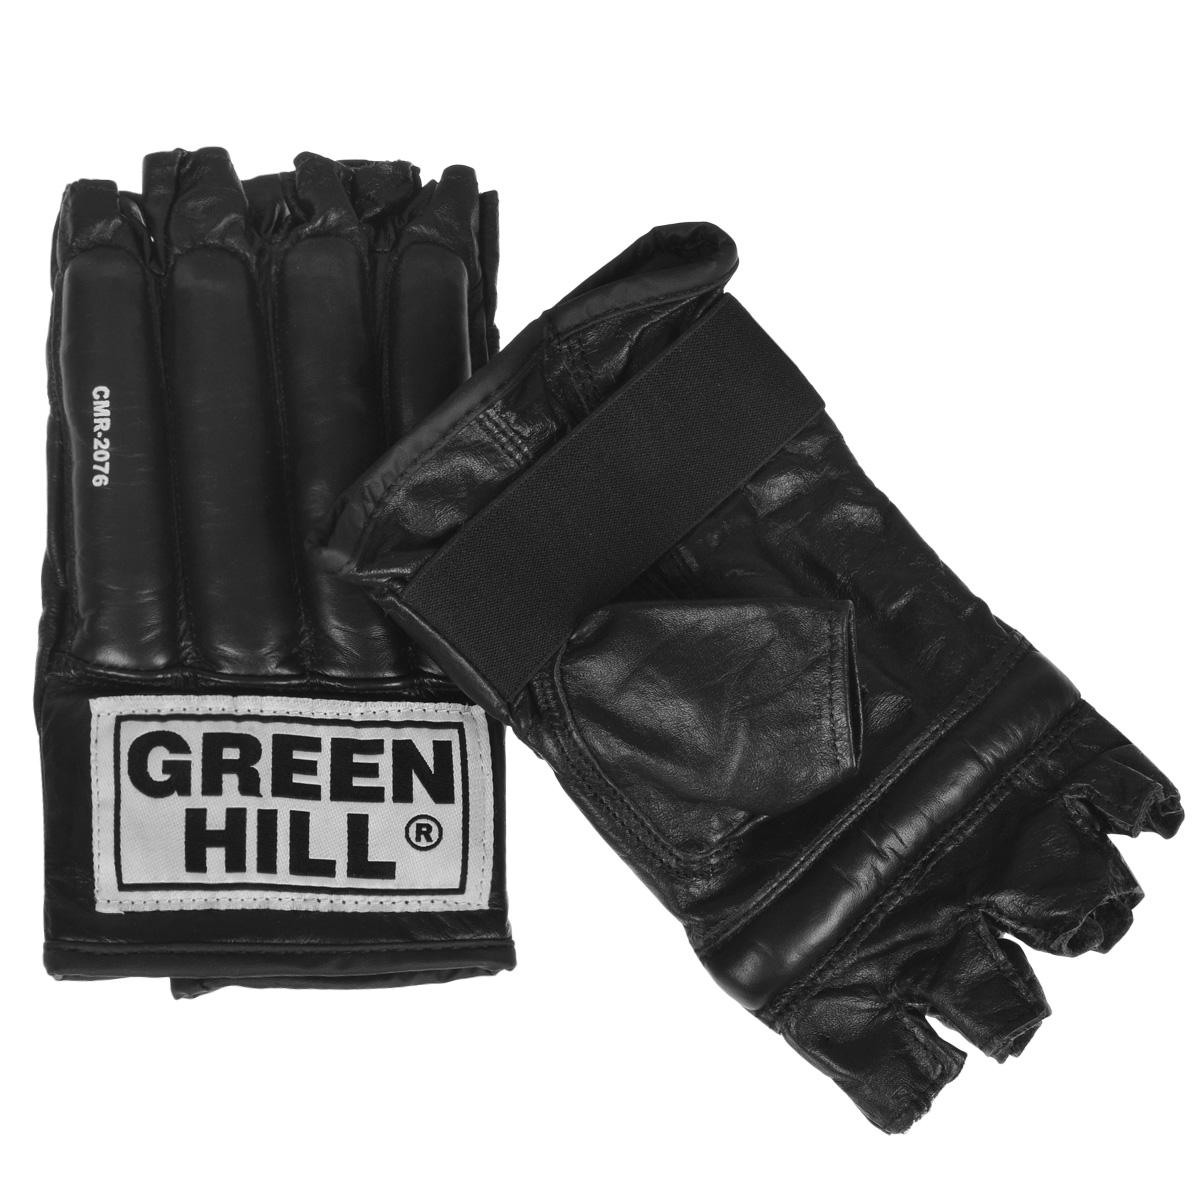 Шингарты для единоборств Green Hill Royal, цвет: черный. Размер S7778RBSMUШингарты Green Hill Royal предназначены для новичков и любителей, для тренировок в домашних условиях, а так же могут использоваться для боевого самбо или боев без правил. Выполнены из высококачественной натуральной кожи. Застежка в виде резинки надежно фиксирует шингарты на руке.